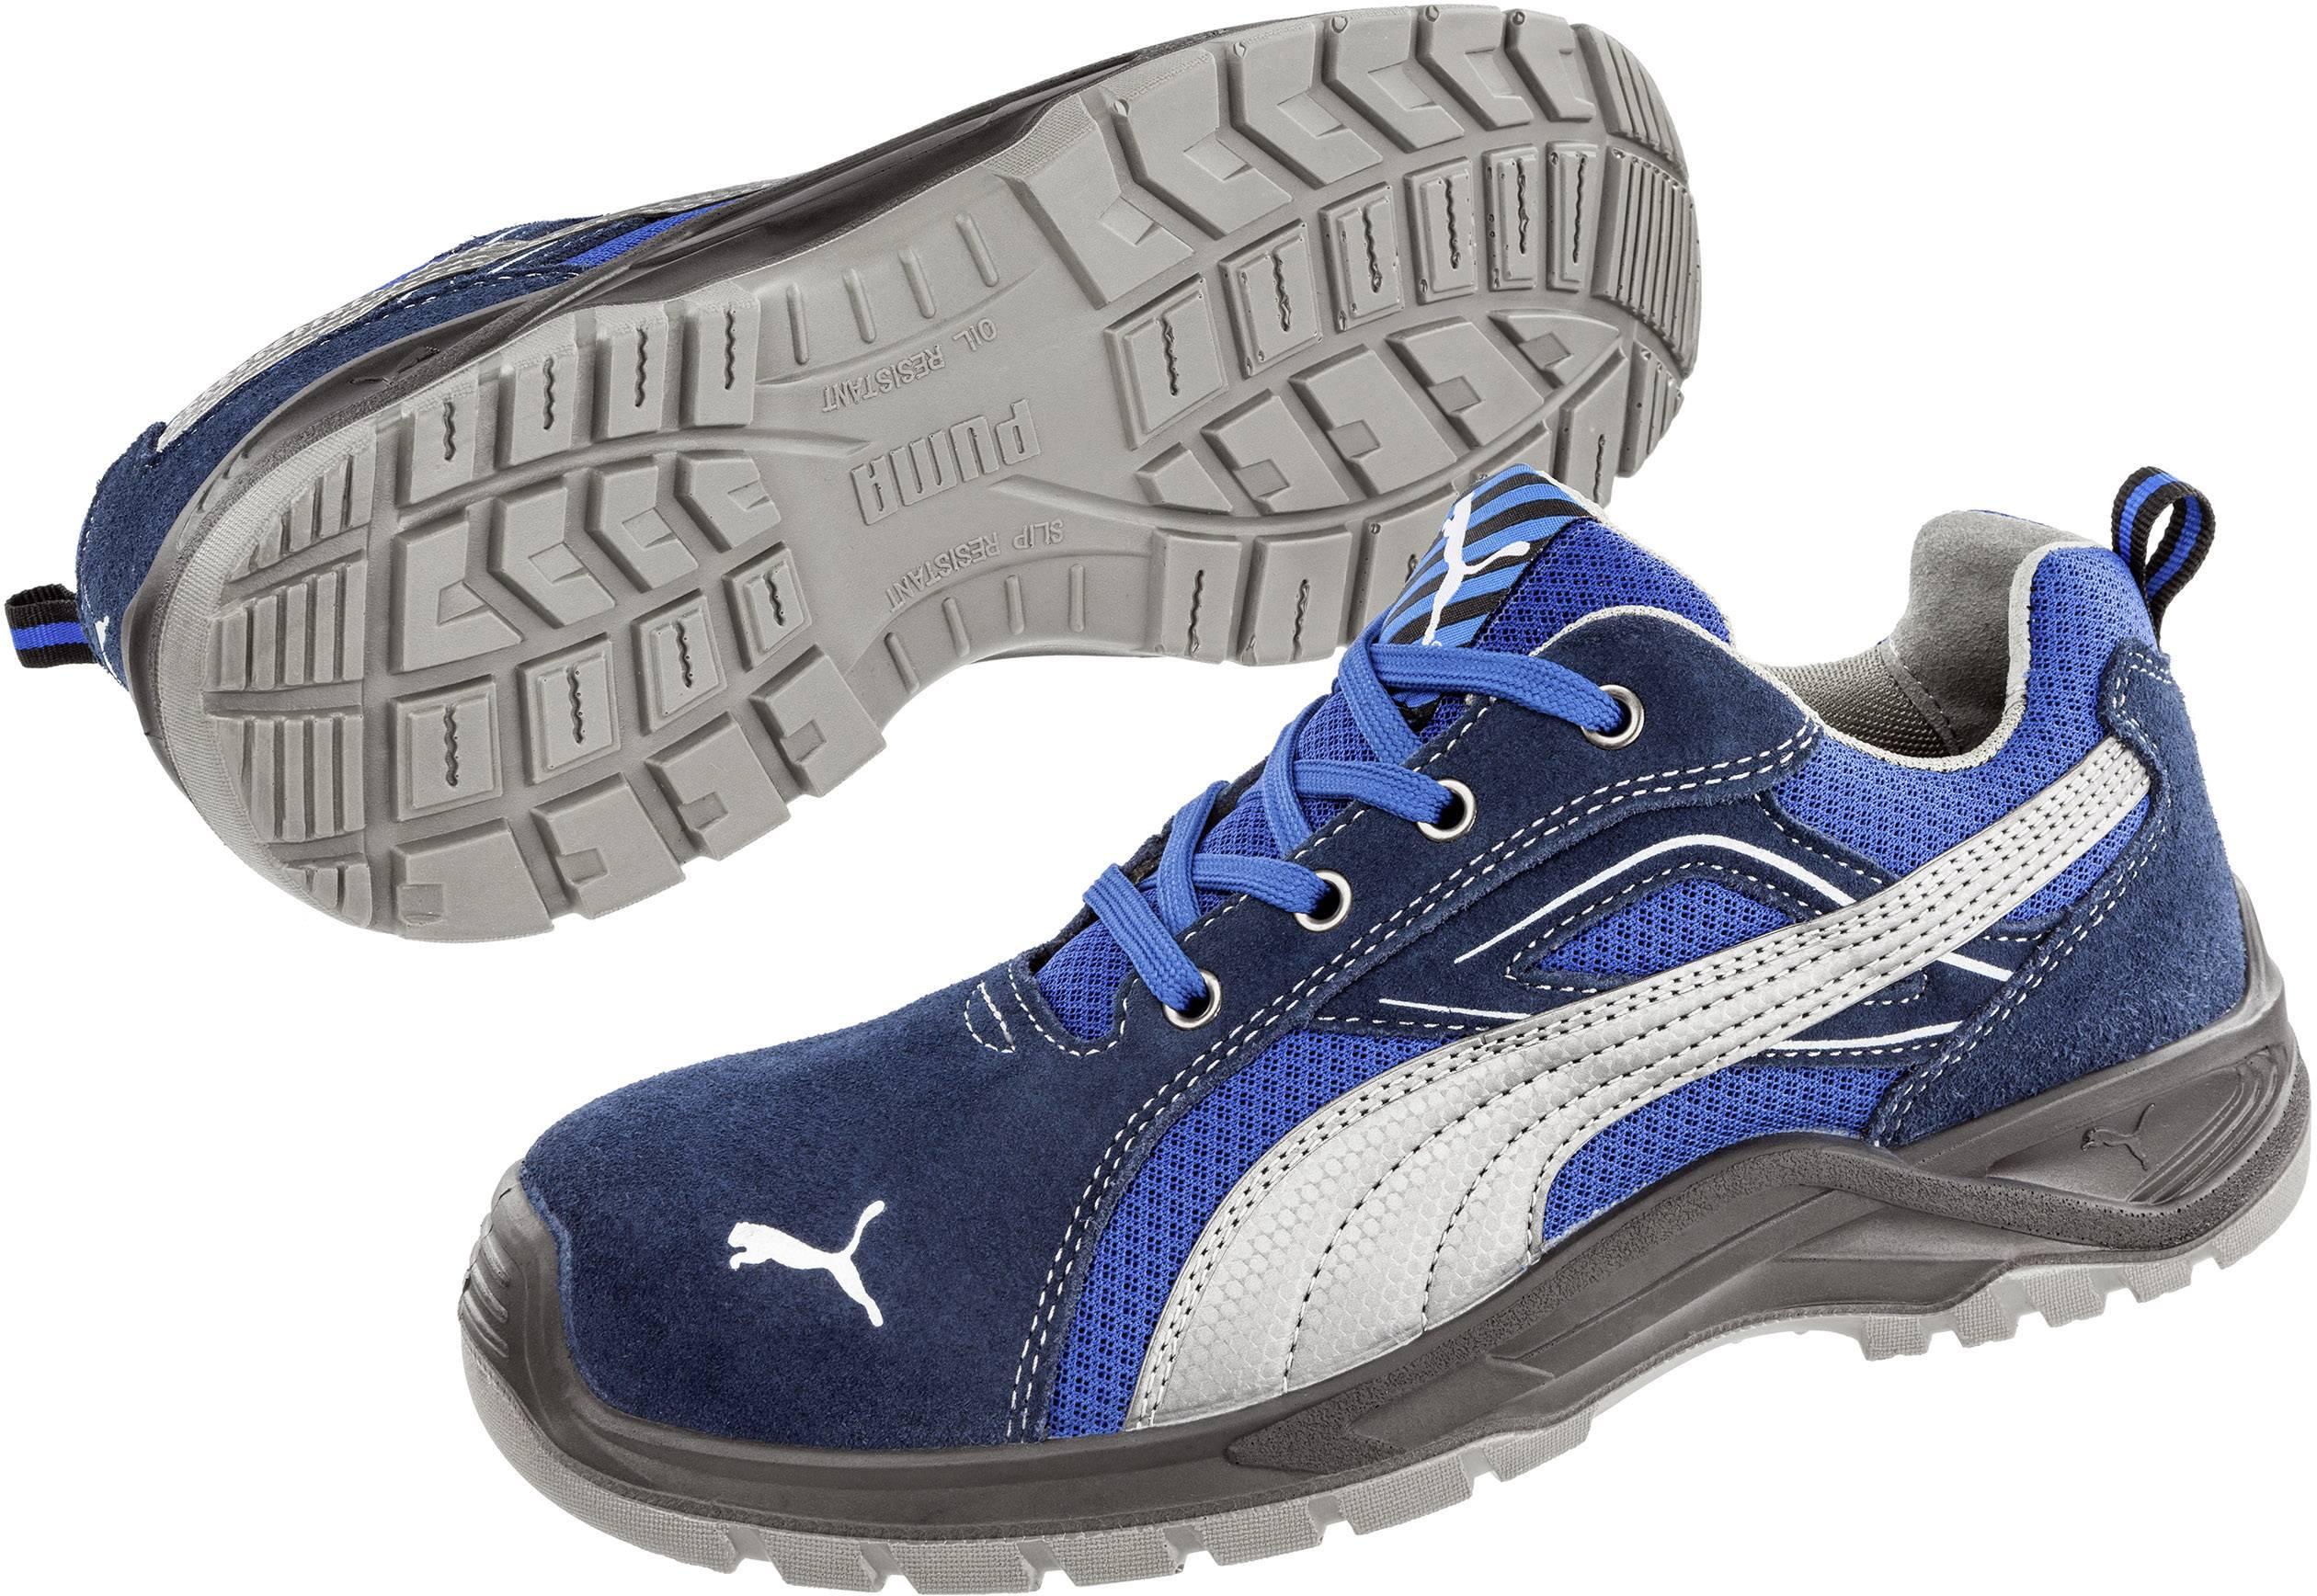 Chaussures de sécurité S1P PUMA Safety Omni Blue Low SRC 643610-42 Taille: 42 bleu, argent 1 paire(s)